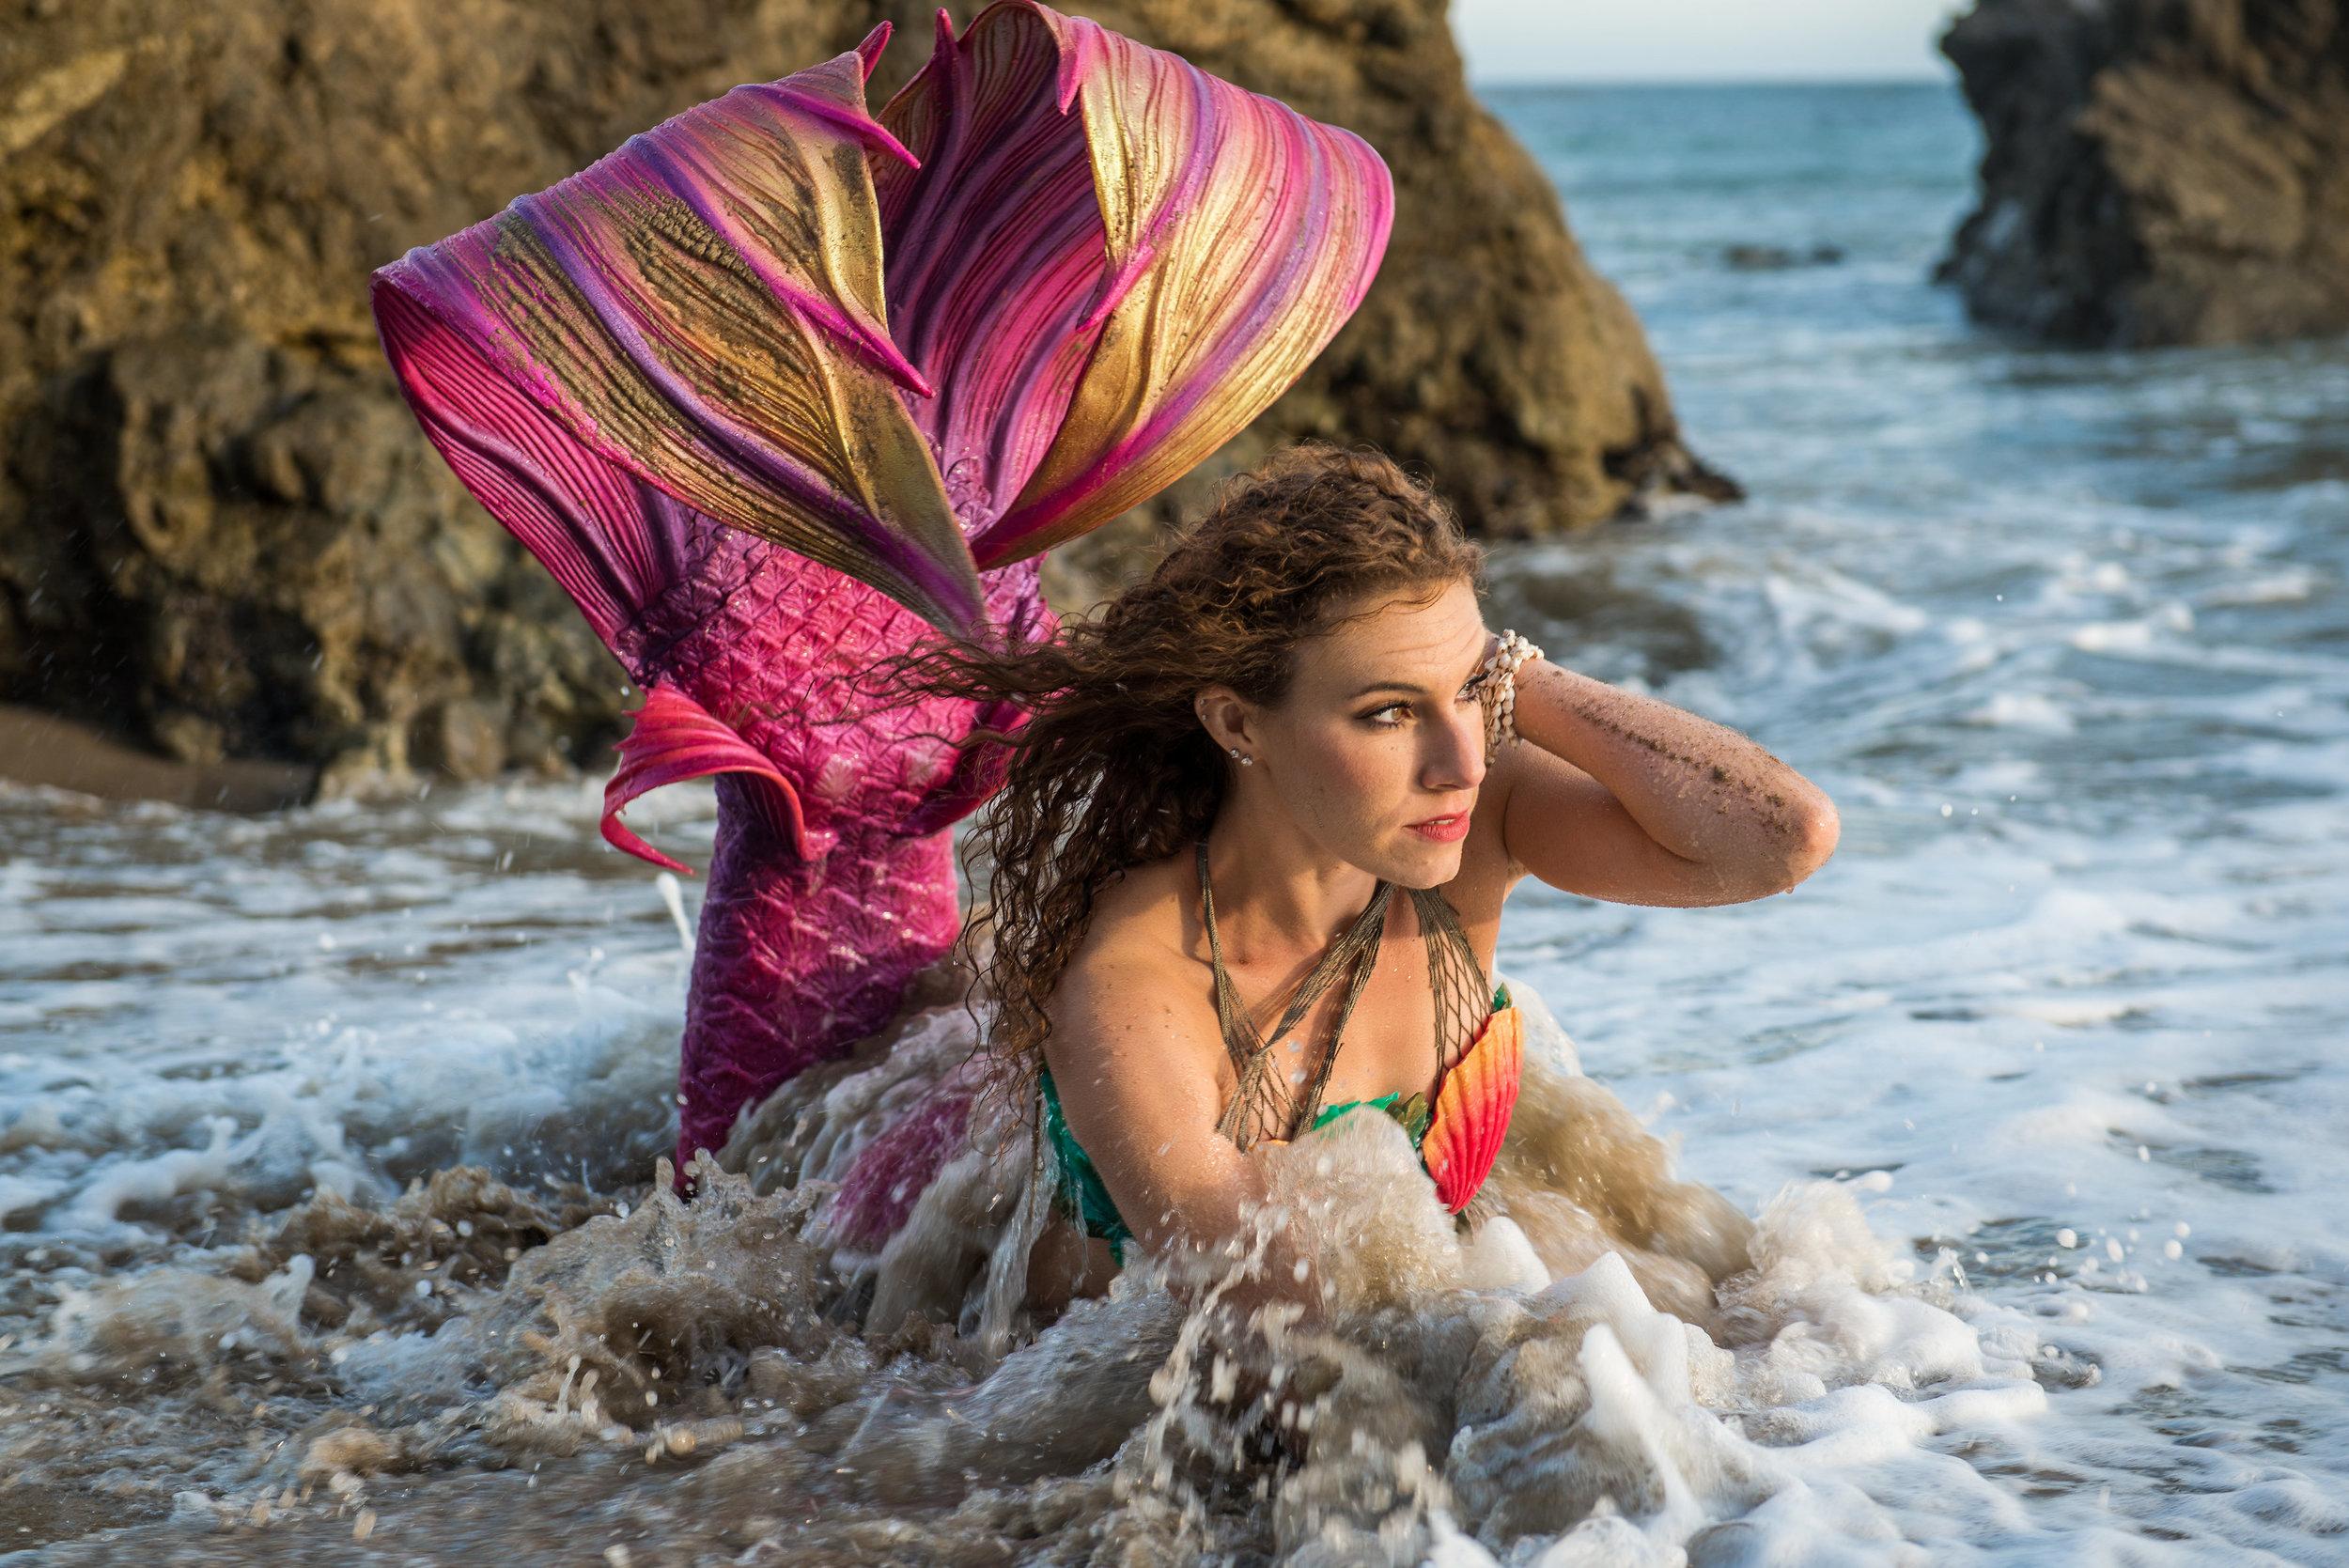 Mermaid Merissa by Alissa Krumlauf